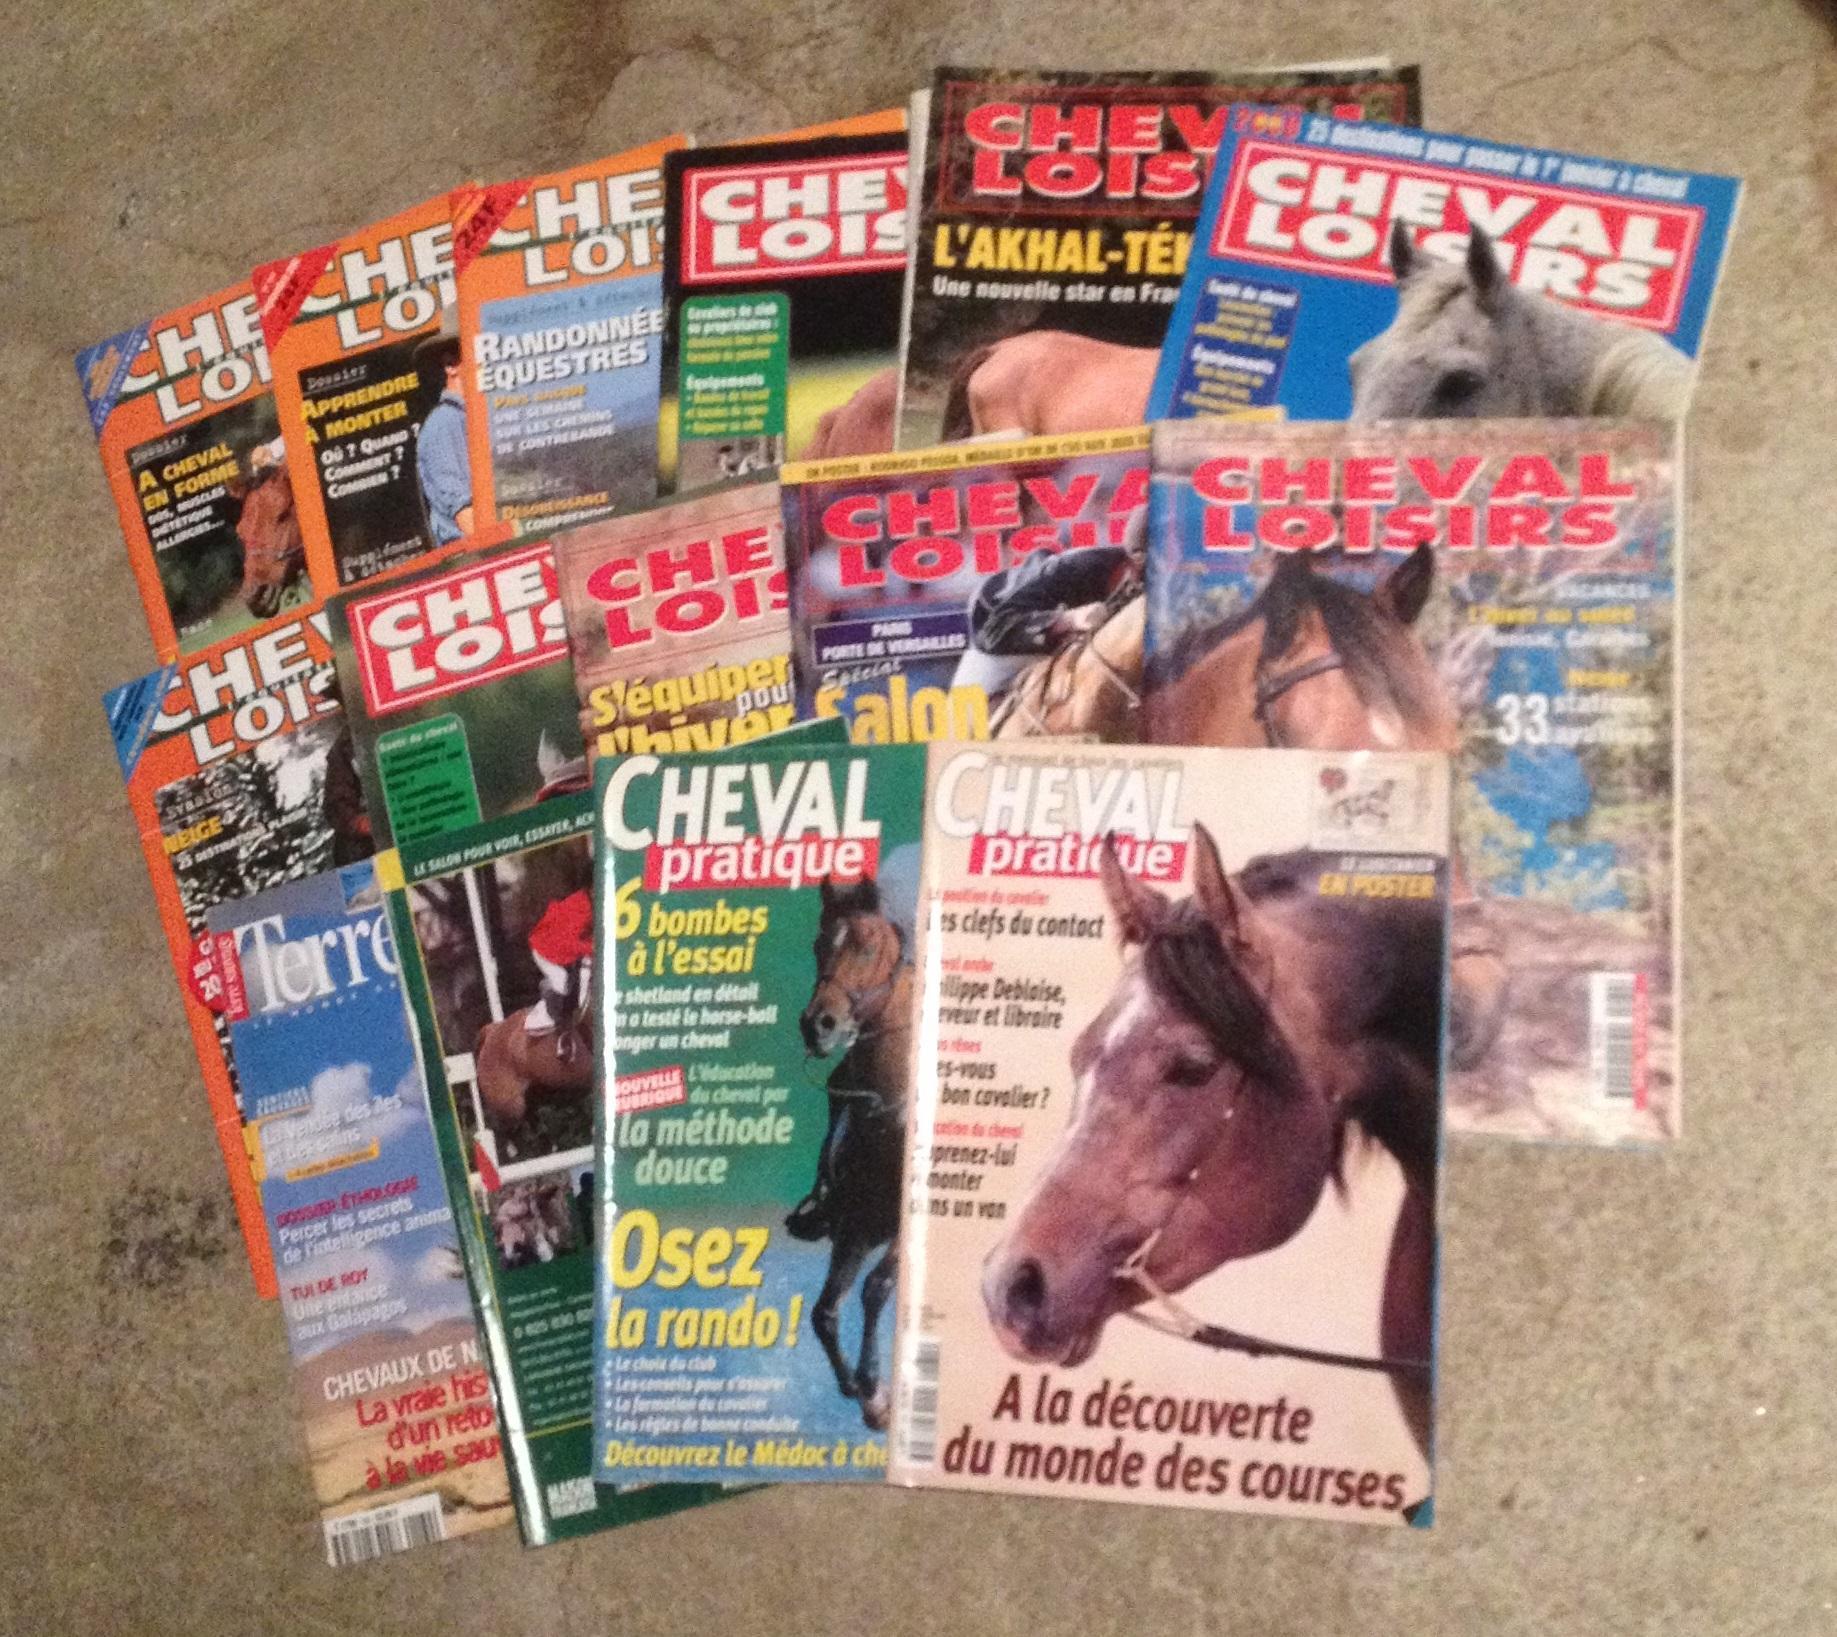 troc de troc 3 lots de magazine équestre image 1